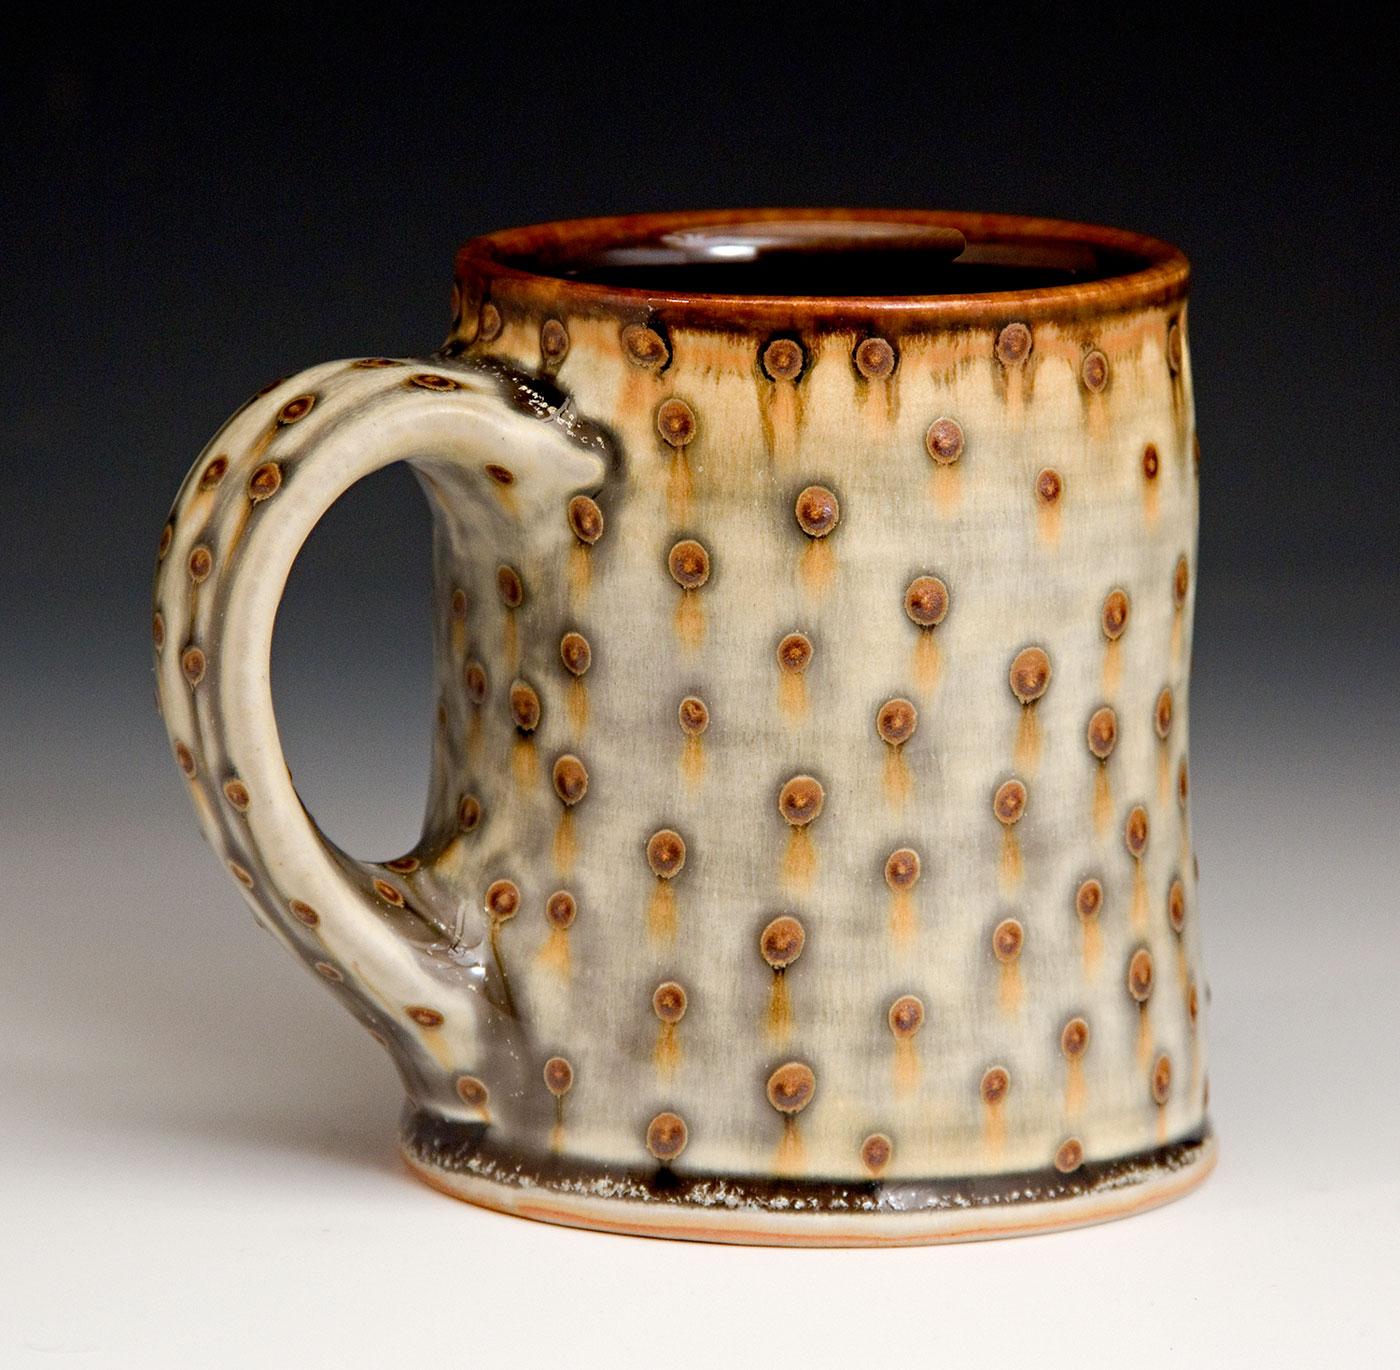 Art-Pottery-Handmade-Mug-Samantha-Henneke.jpg